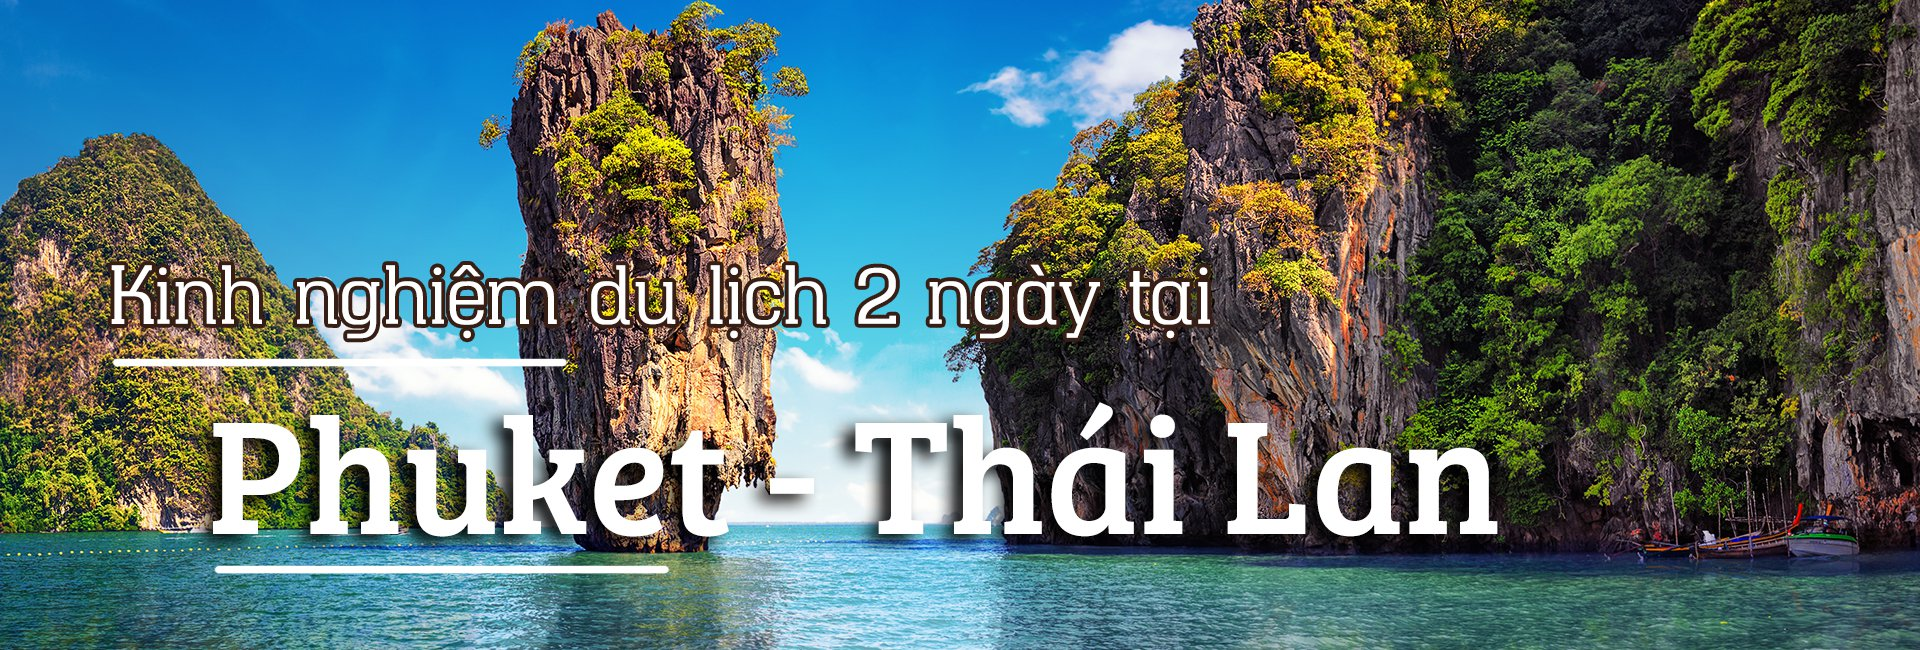 Kinh nghiệm du lịch Phuket 2 ngày 1 đêm